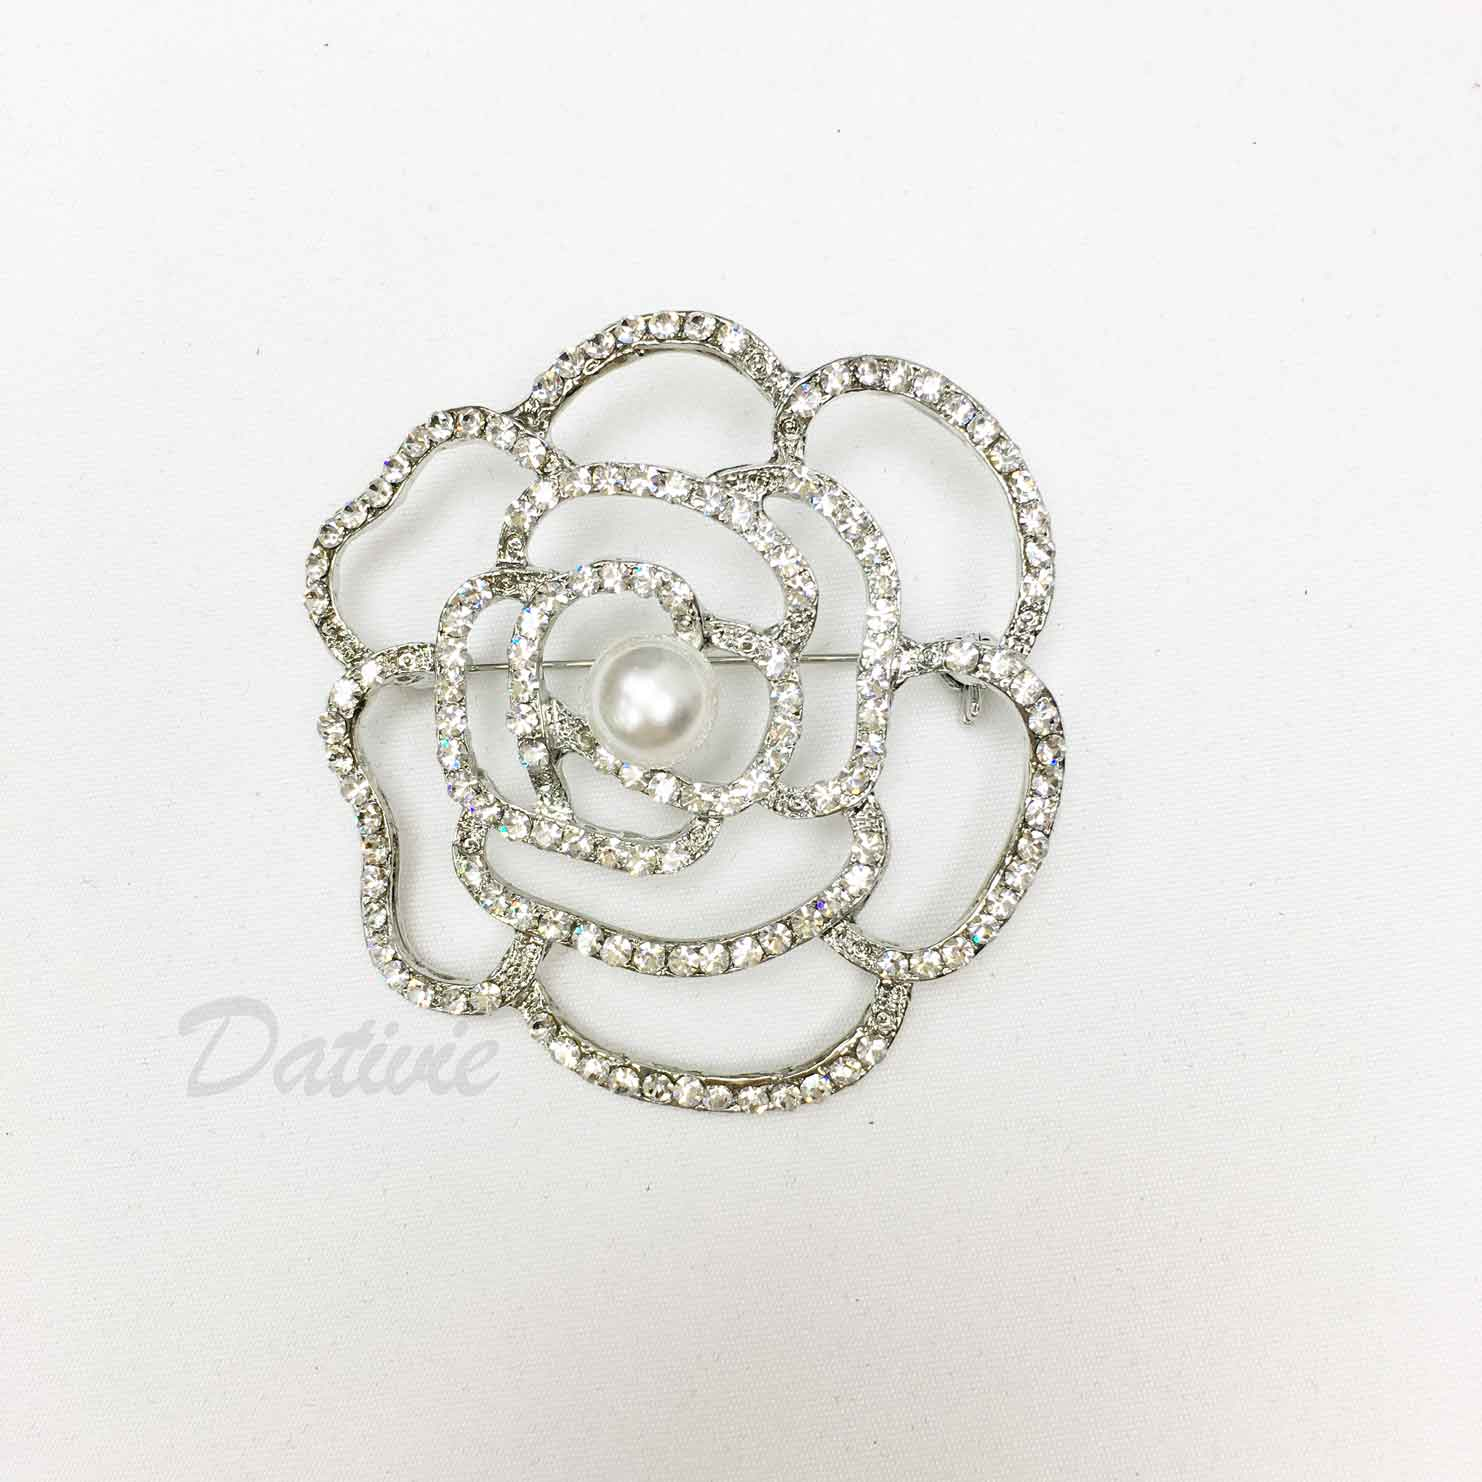 花朵 線條 簍空 珍珠 水鑽 簡約 單個 胸針